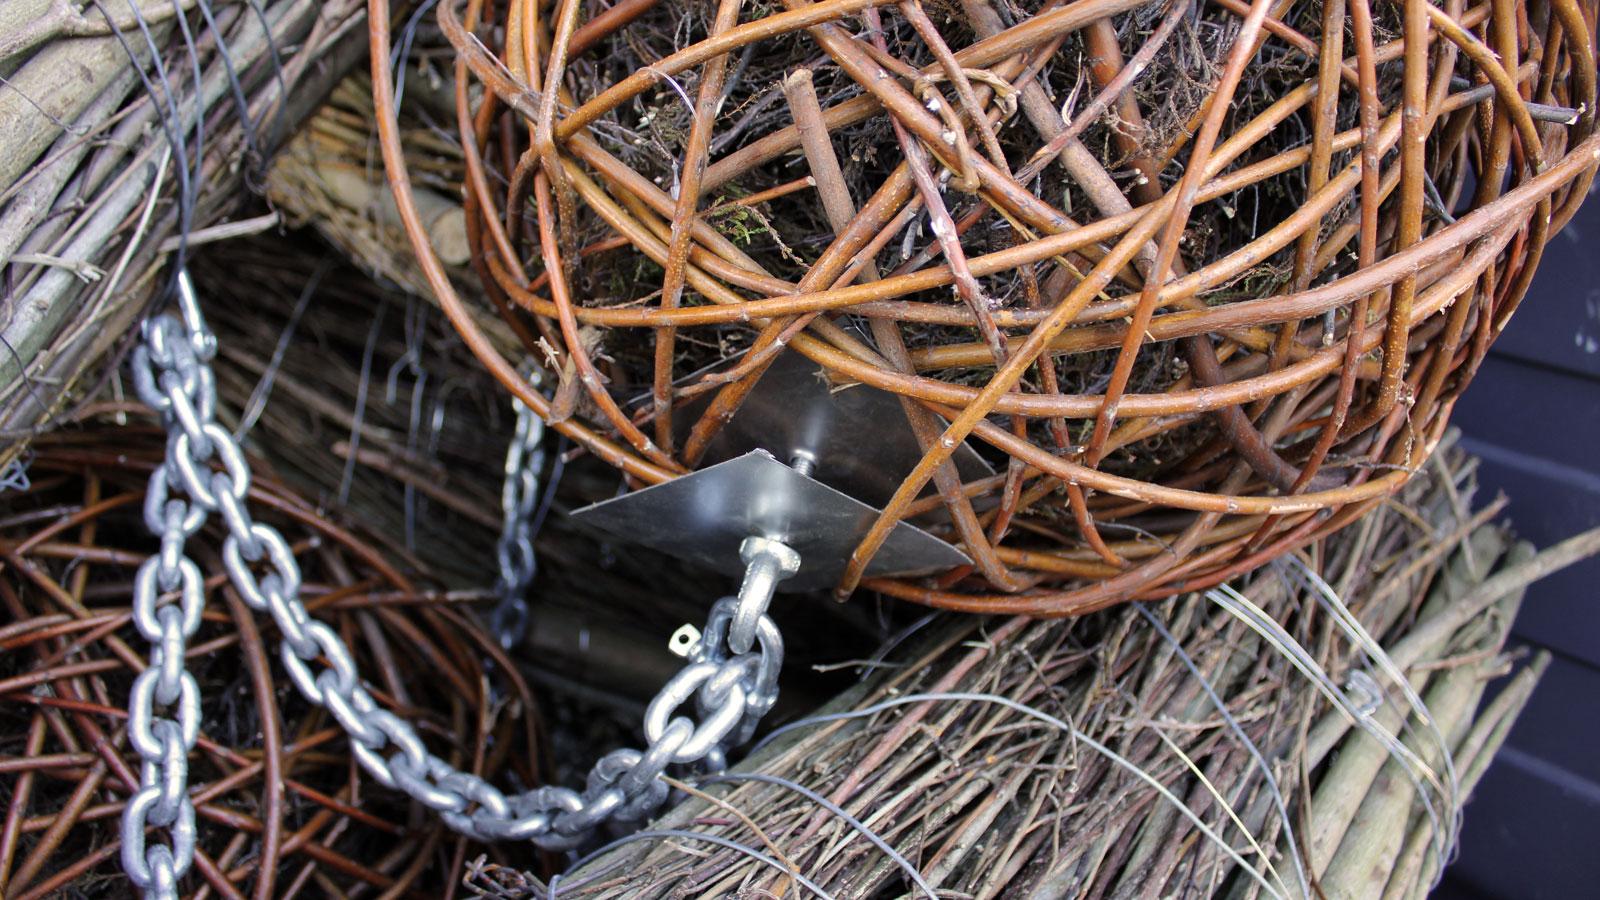 Weidenkugeln als Totholzstrukturen werden unter Bojen in das Alsterfleet gehängt und verankert. Ein extremer Lebensraum verlangt extreme Maßnahmen.